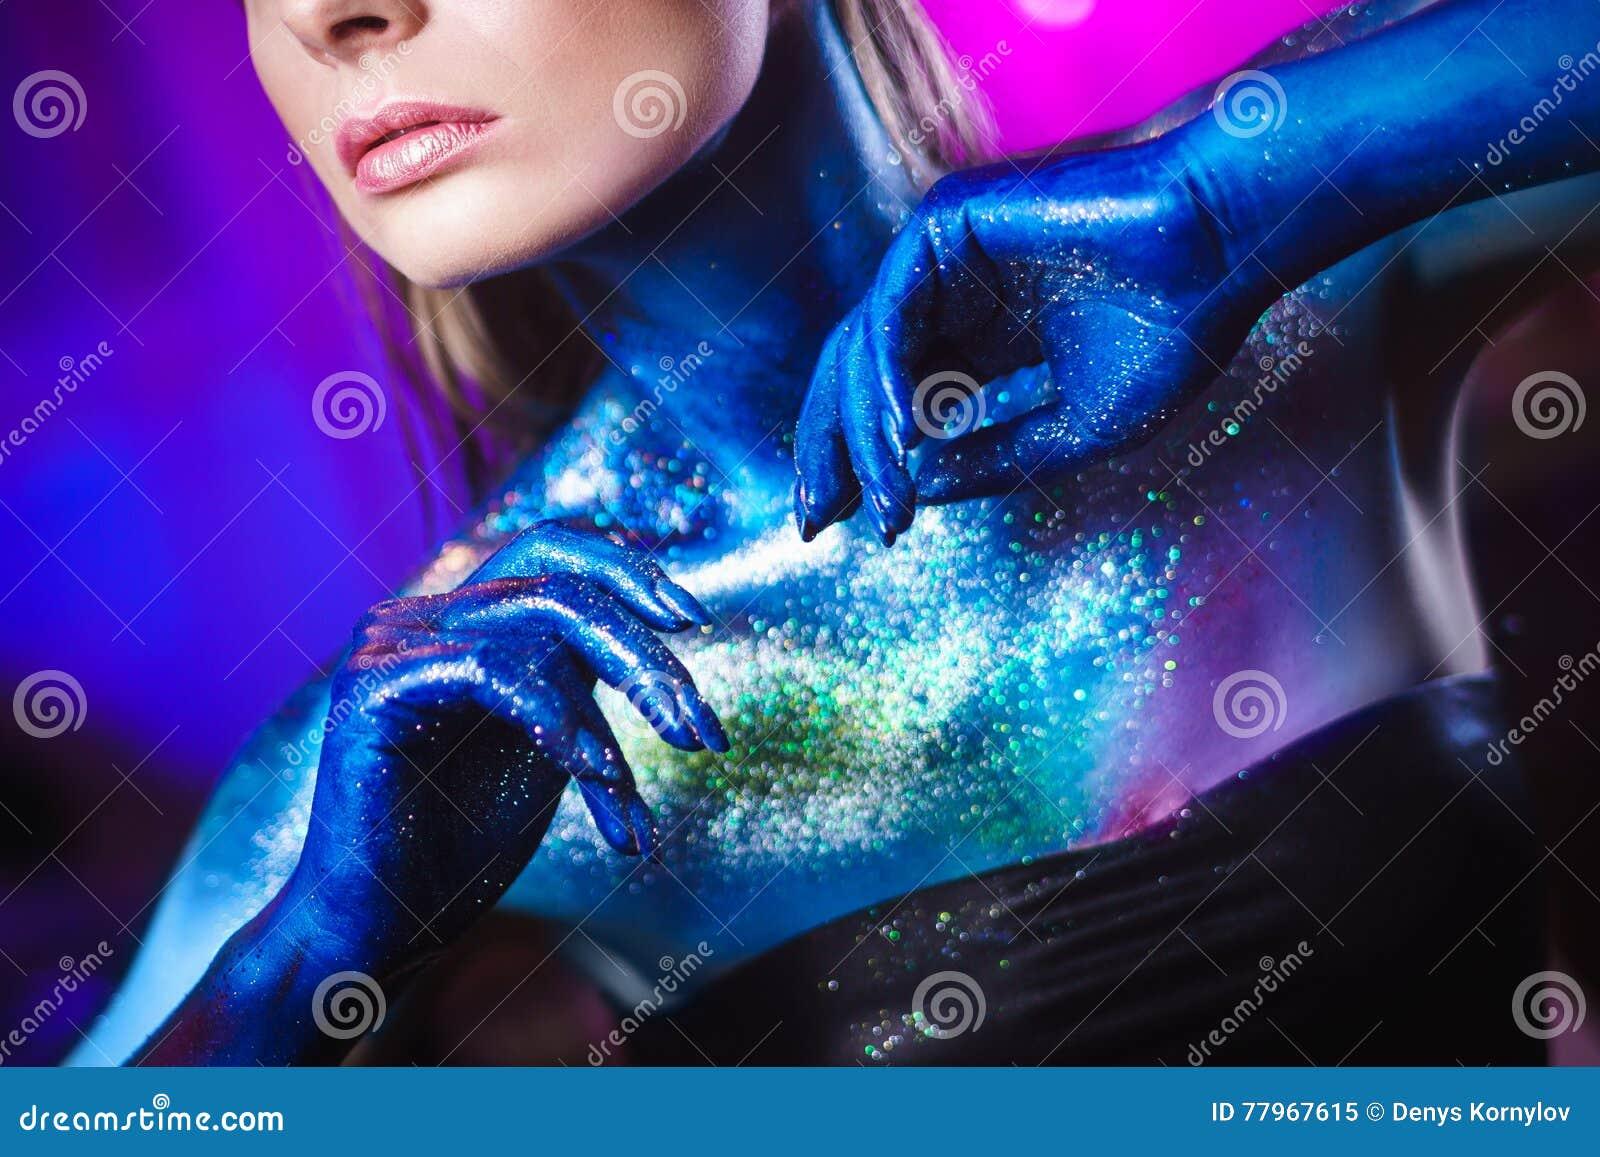 Porträt der Schönheit gemalt mit kosmischen Farben und spangled